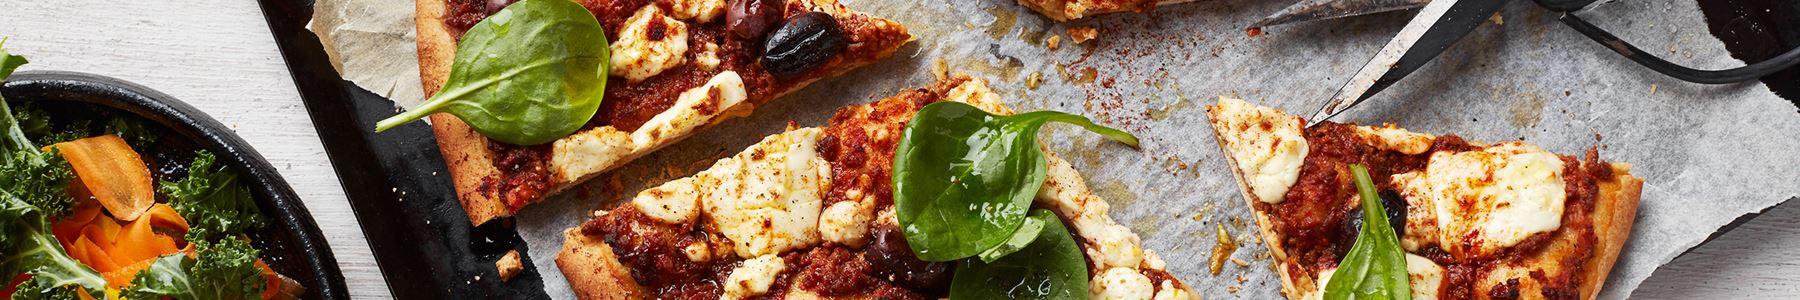 Billig + Krydda + Pizza